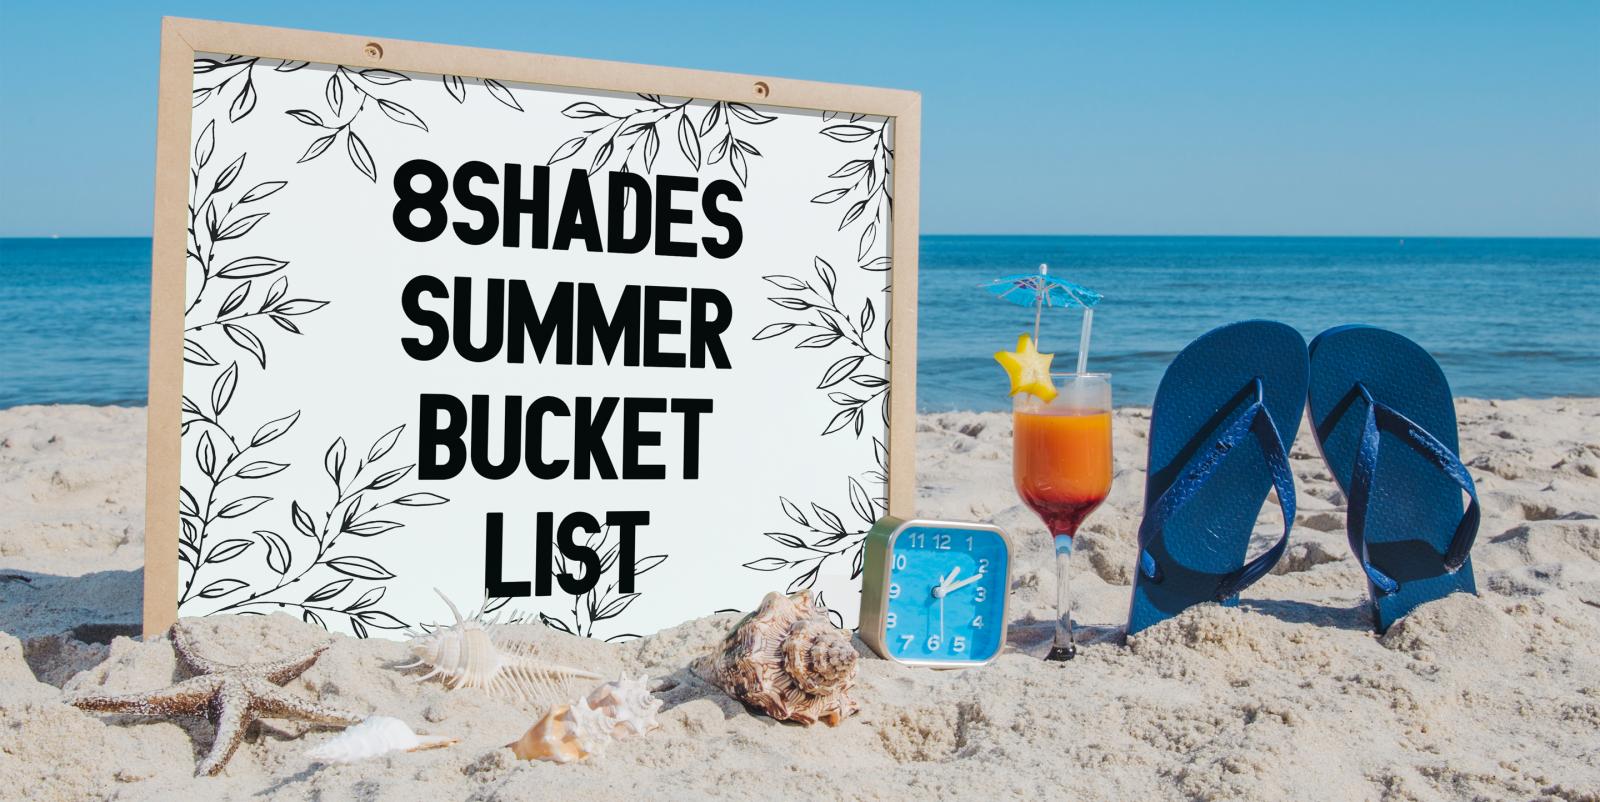 8shades_bucket_list_banner